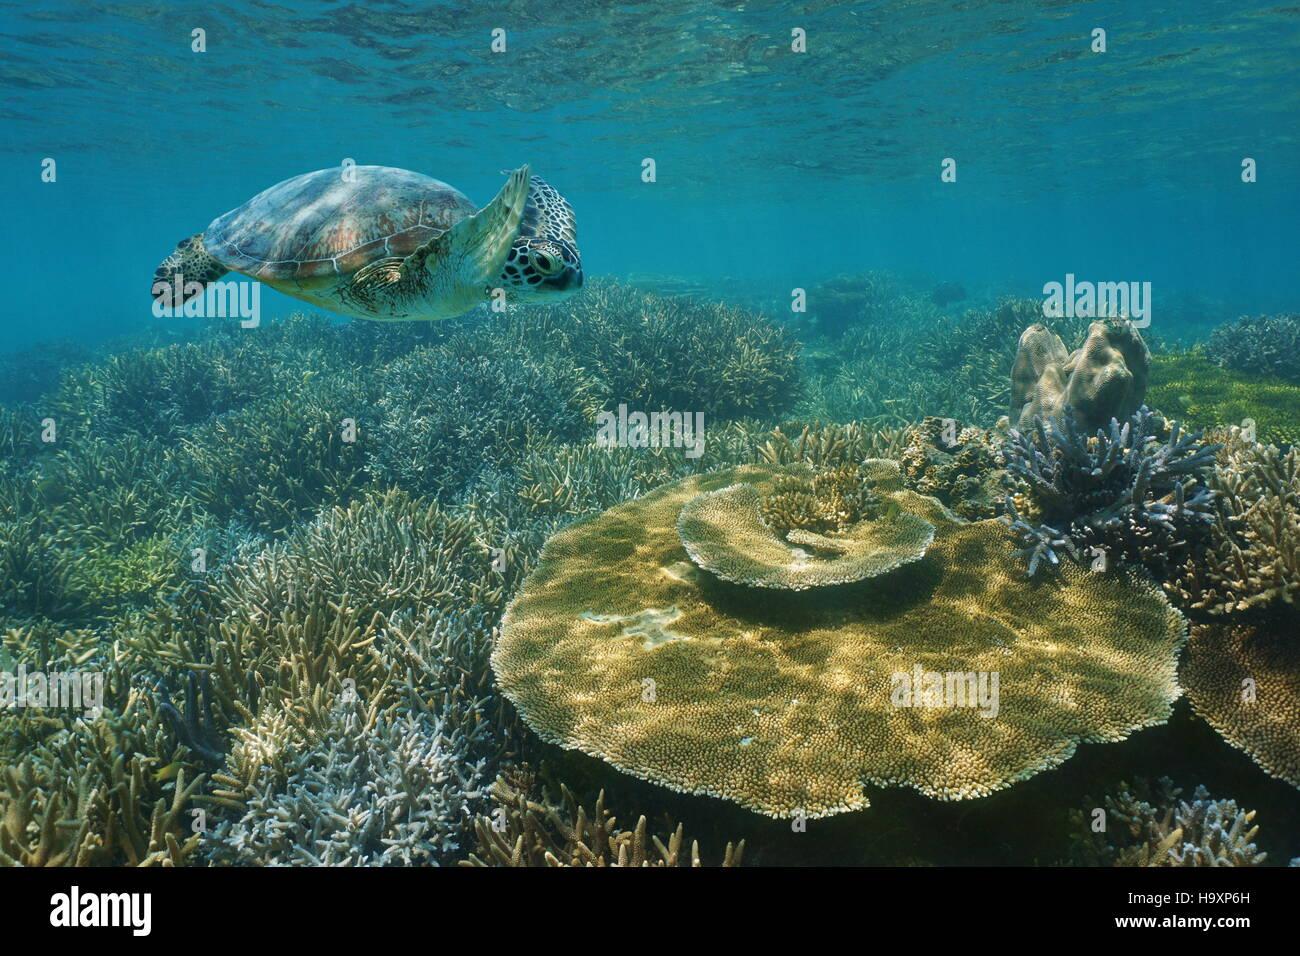 Una tortuga de mar verde de natación subacuática a lo largo de un arrecife de coral saludable en aguas poco profundas, Nueva Caledonia, Océano Pacífico del sur Foto de stock